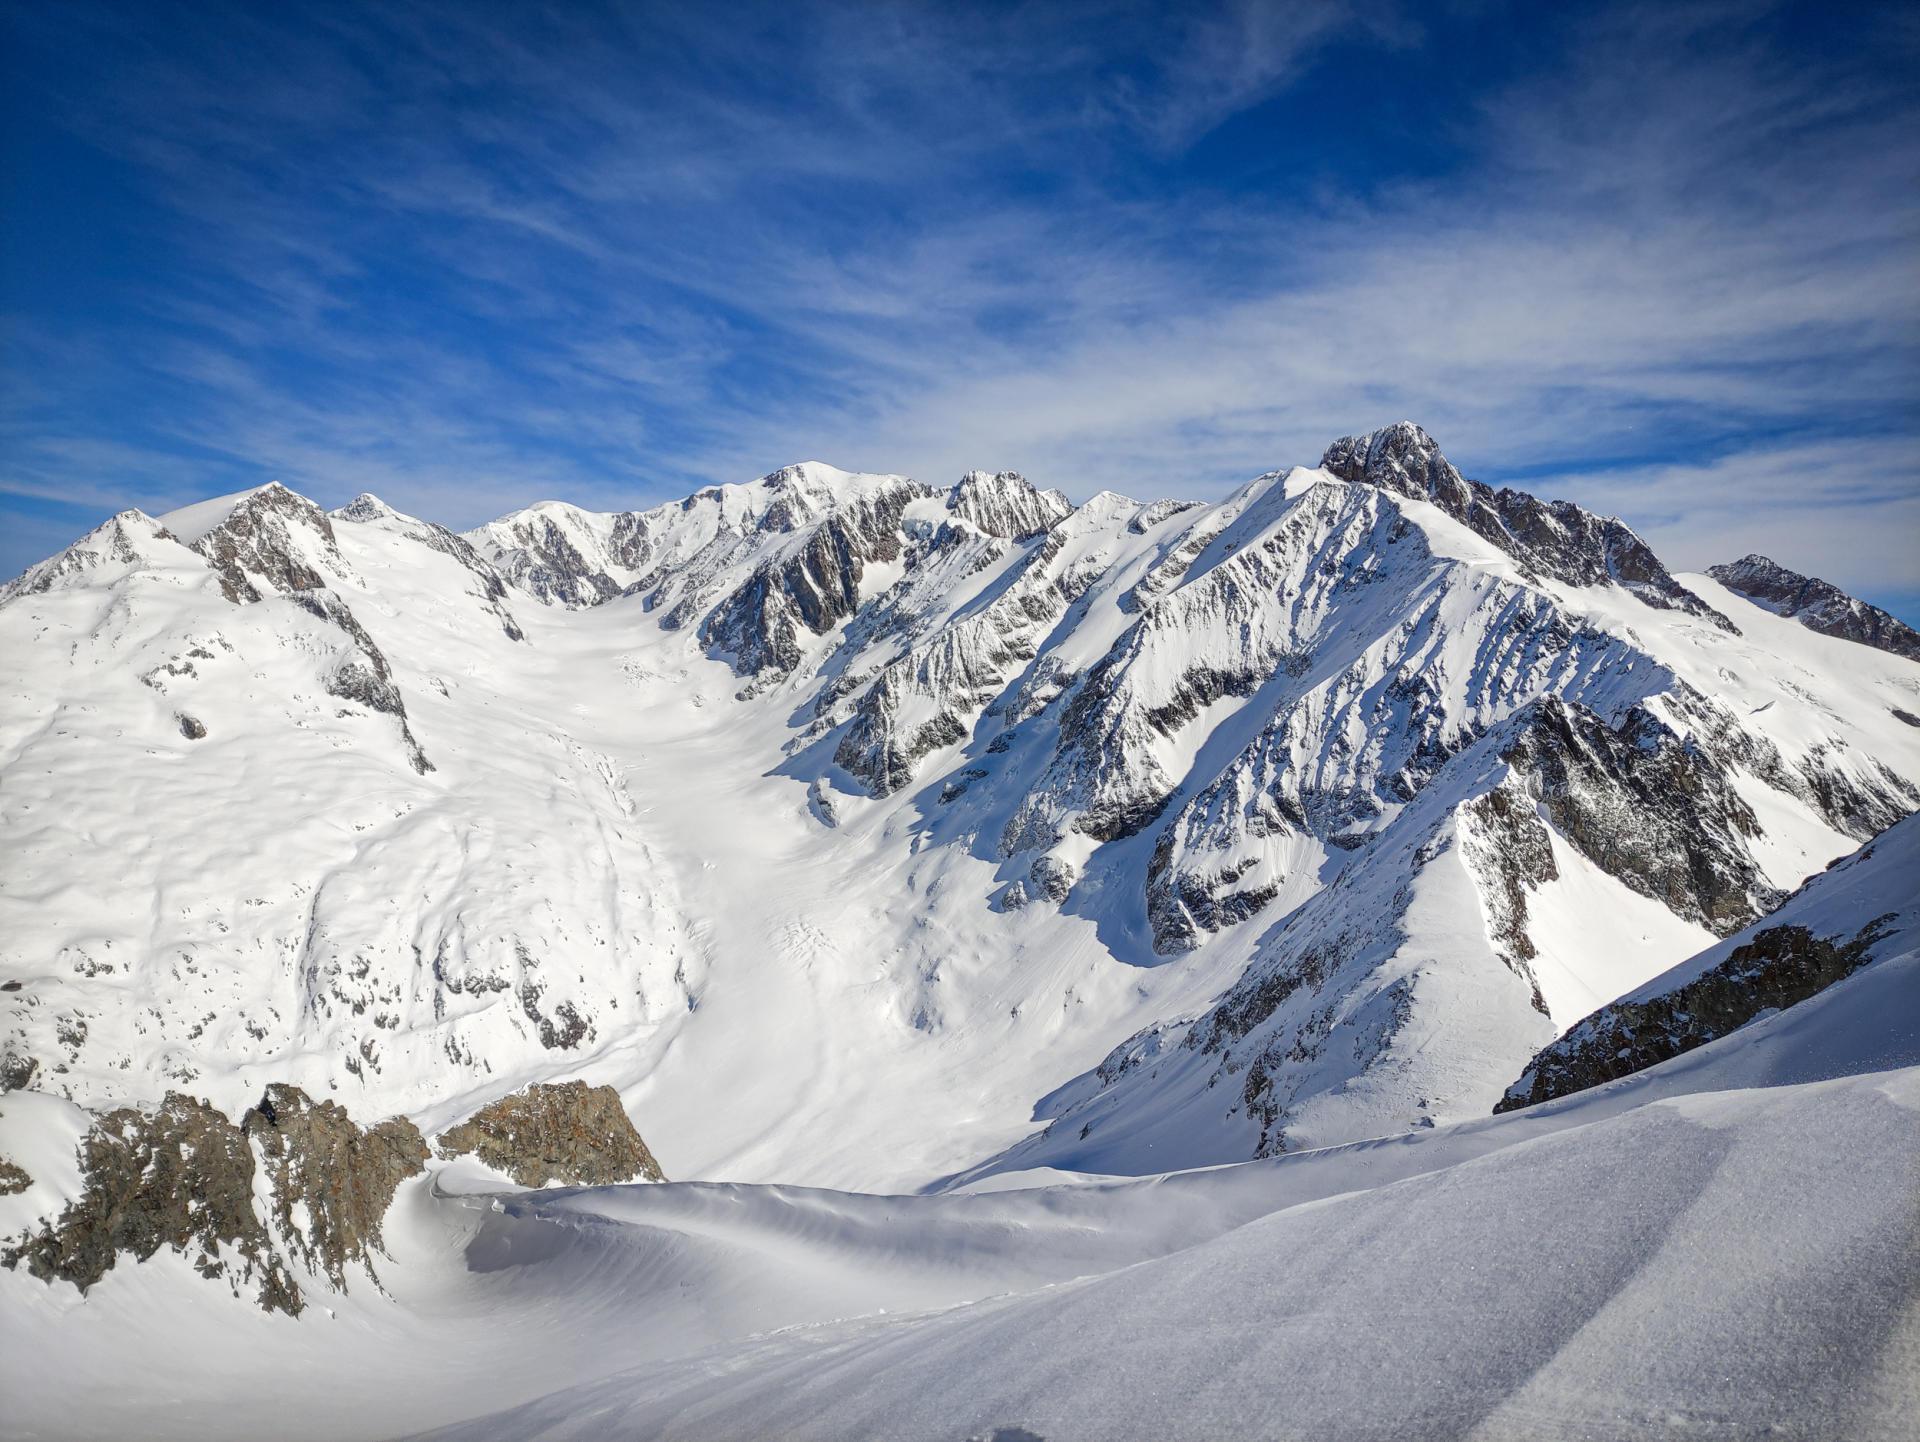 L'aiguille nord de Tré-la-Tête et son glacier.